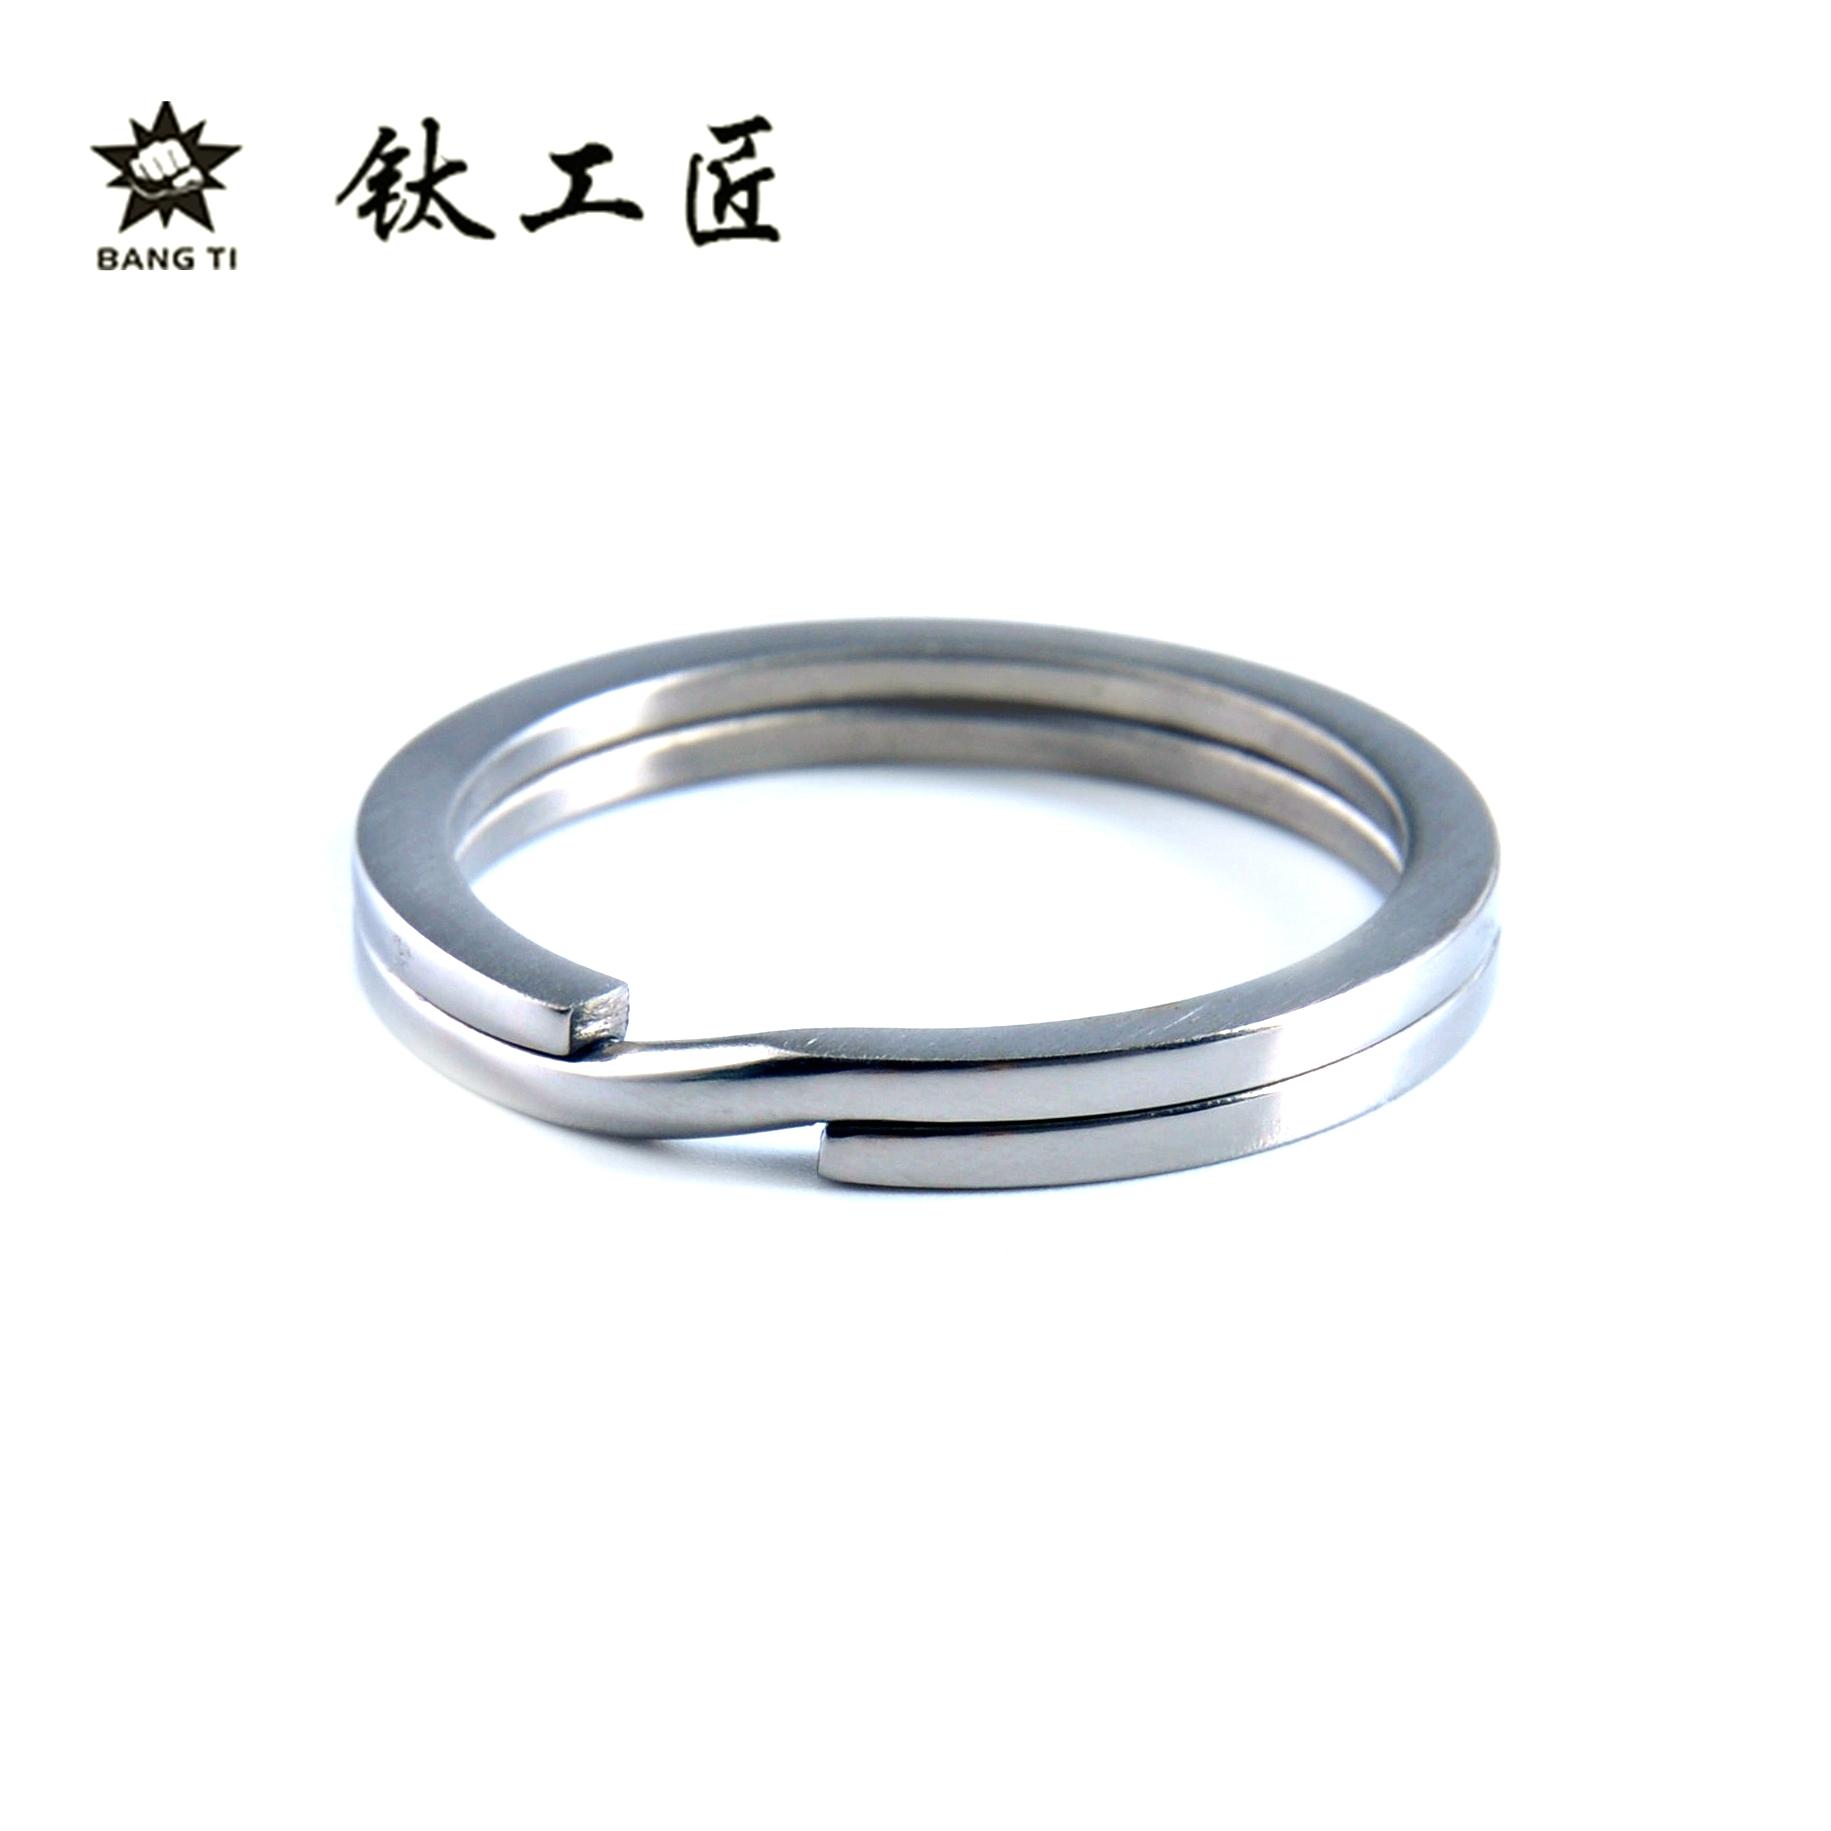 พวงกุญแจไทเทเนียมบางไทไทเทเนียมแหวนไทเทเนียมแหวนพวงกุญแจไฟ EDC ไม่เกิดสนิม